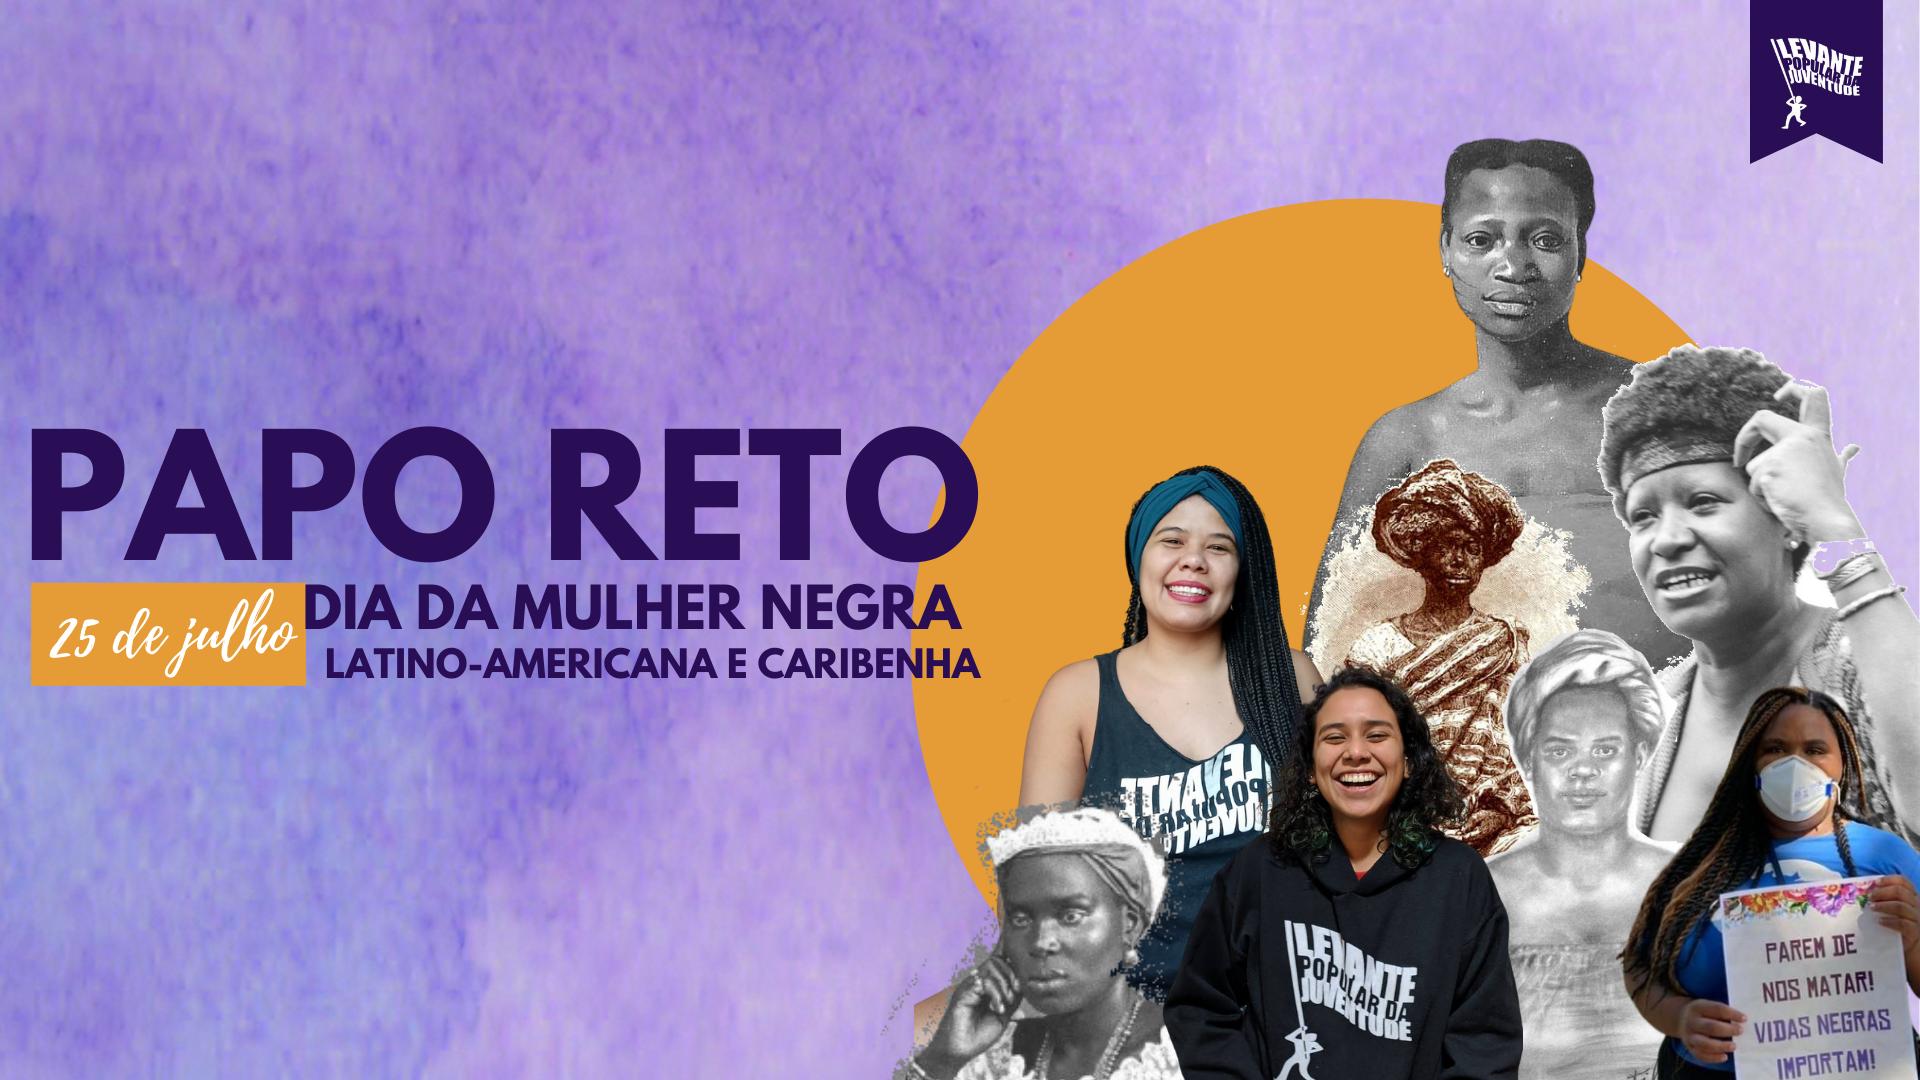 PAPO RETO  | 25 de Julho: Dia Internacional da Mulher Negra Latino-Americana e Caribenha